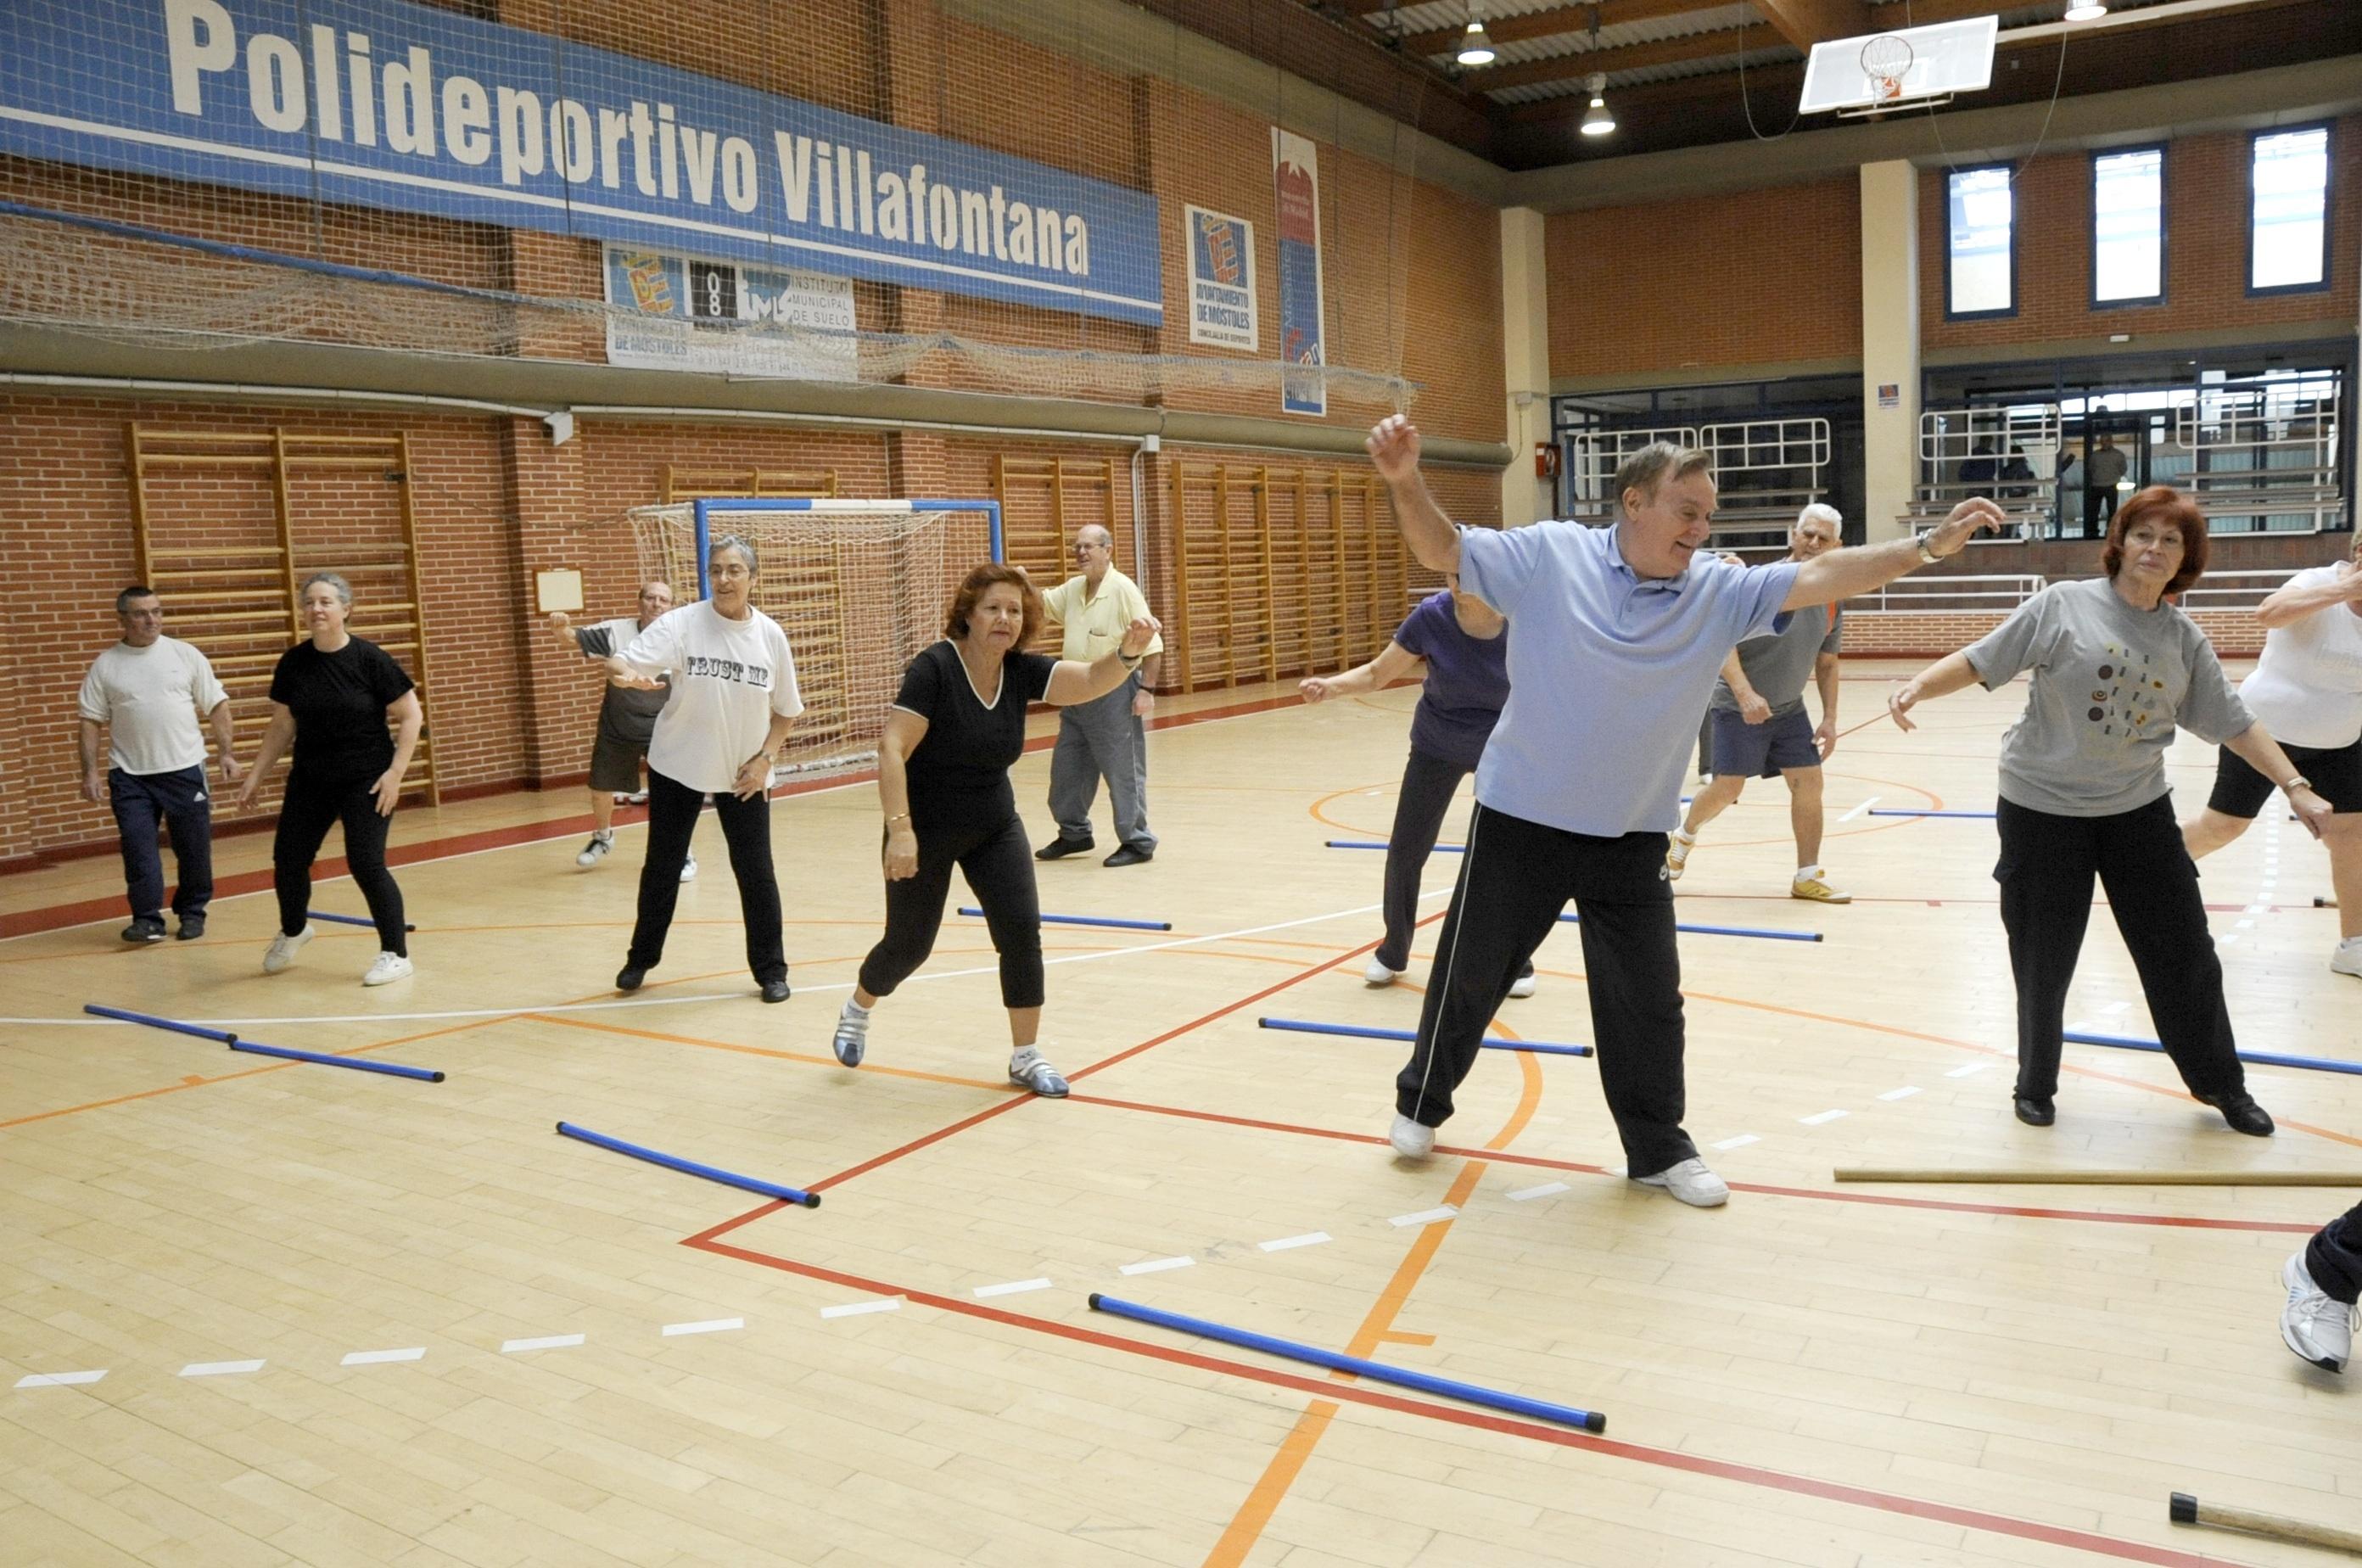 Un millar de vecinos mayores de 65 años hacen gimnasia en el polideportivo Villafronta por un euro al año